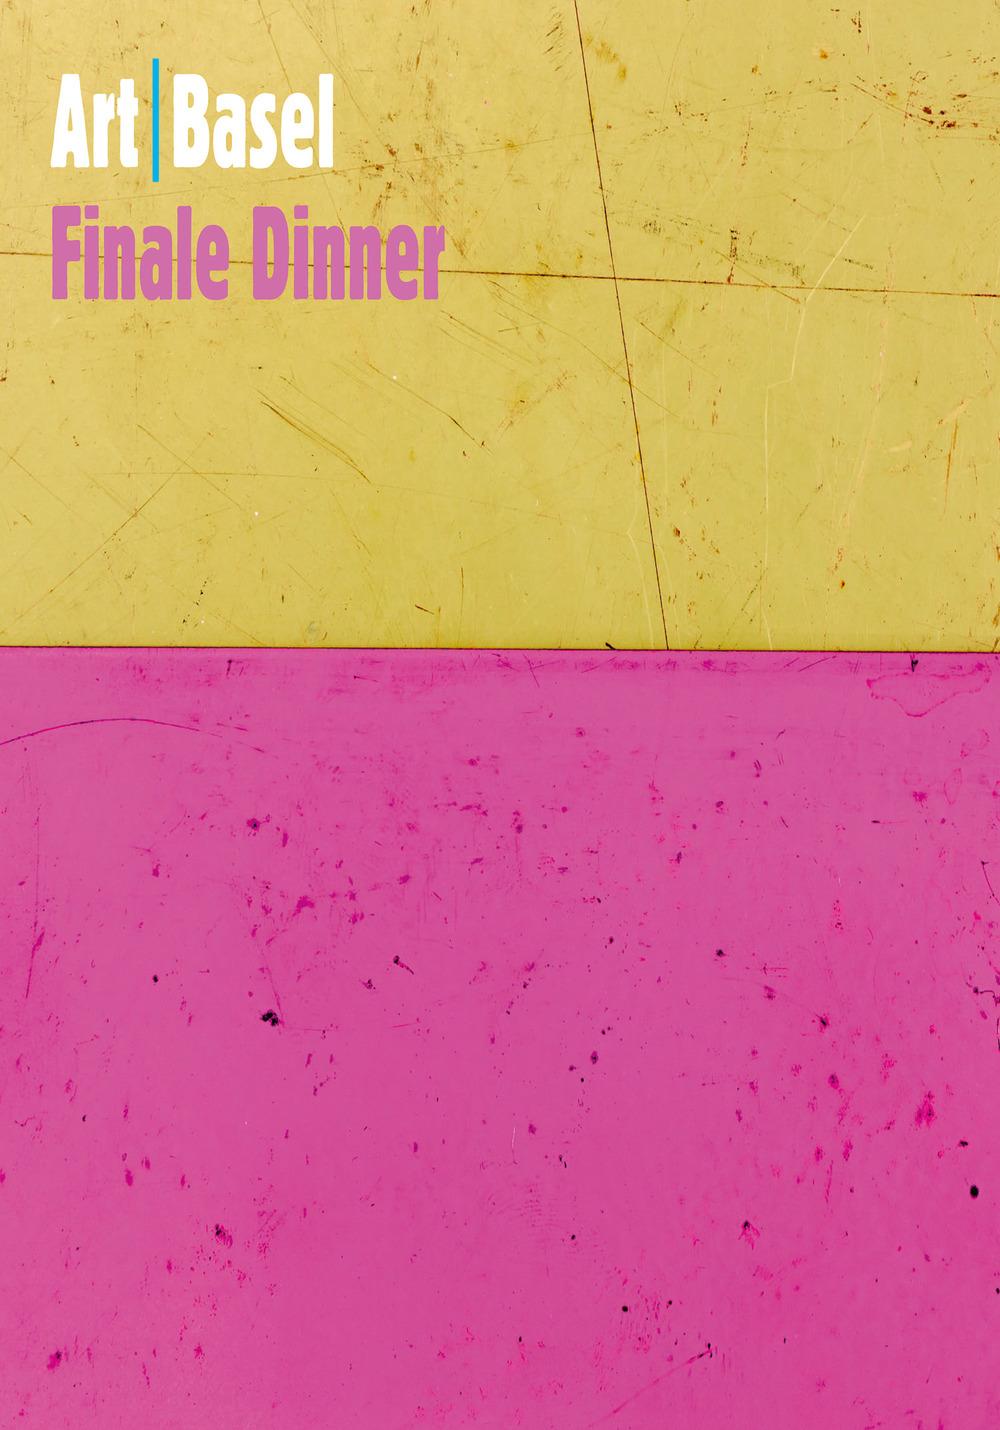 ABBL16_Invite_Finale_Dinner.jpg